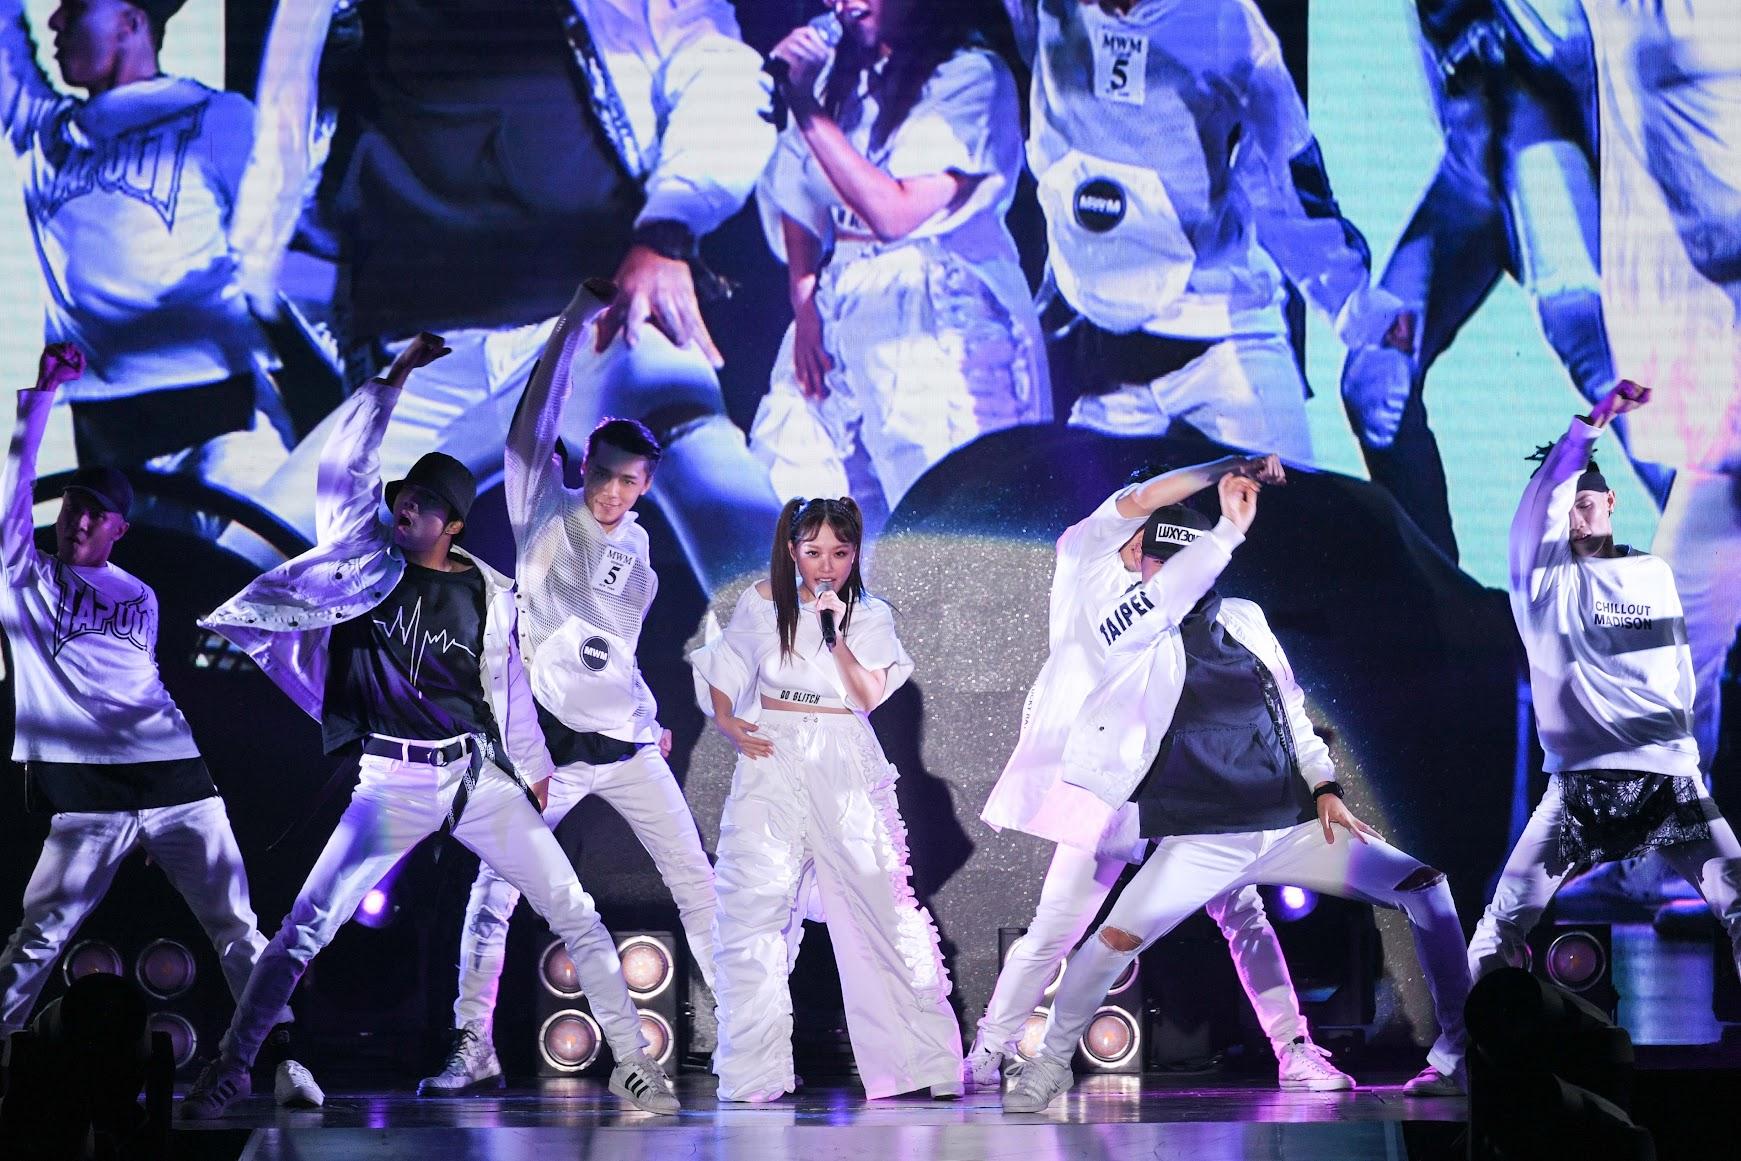 【迷迷現場】木村拓哉 、 寶兒 BoA 、 蔡依林 ...亞洲巨星齊聚 席捲 AFA 2018亞洲時尚大賞